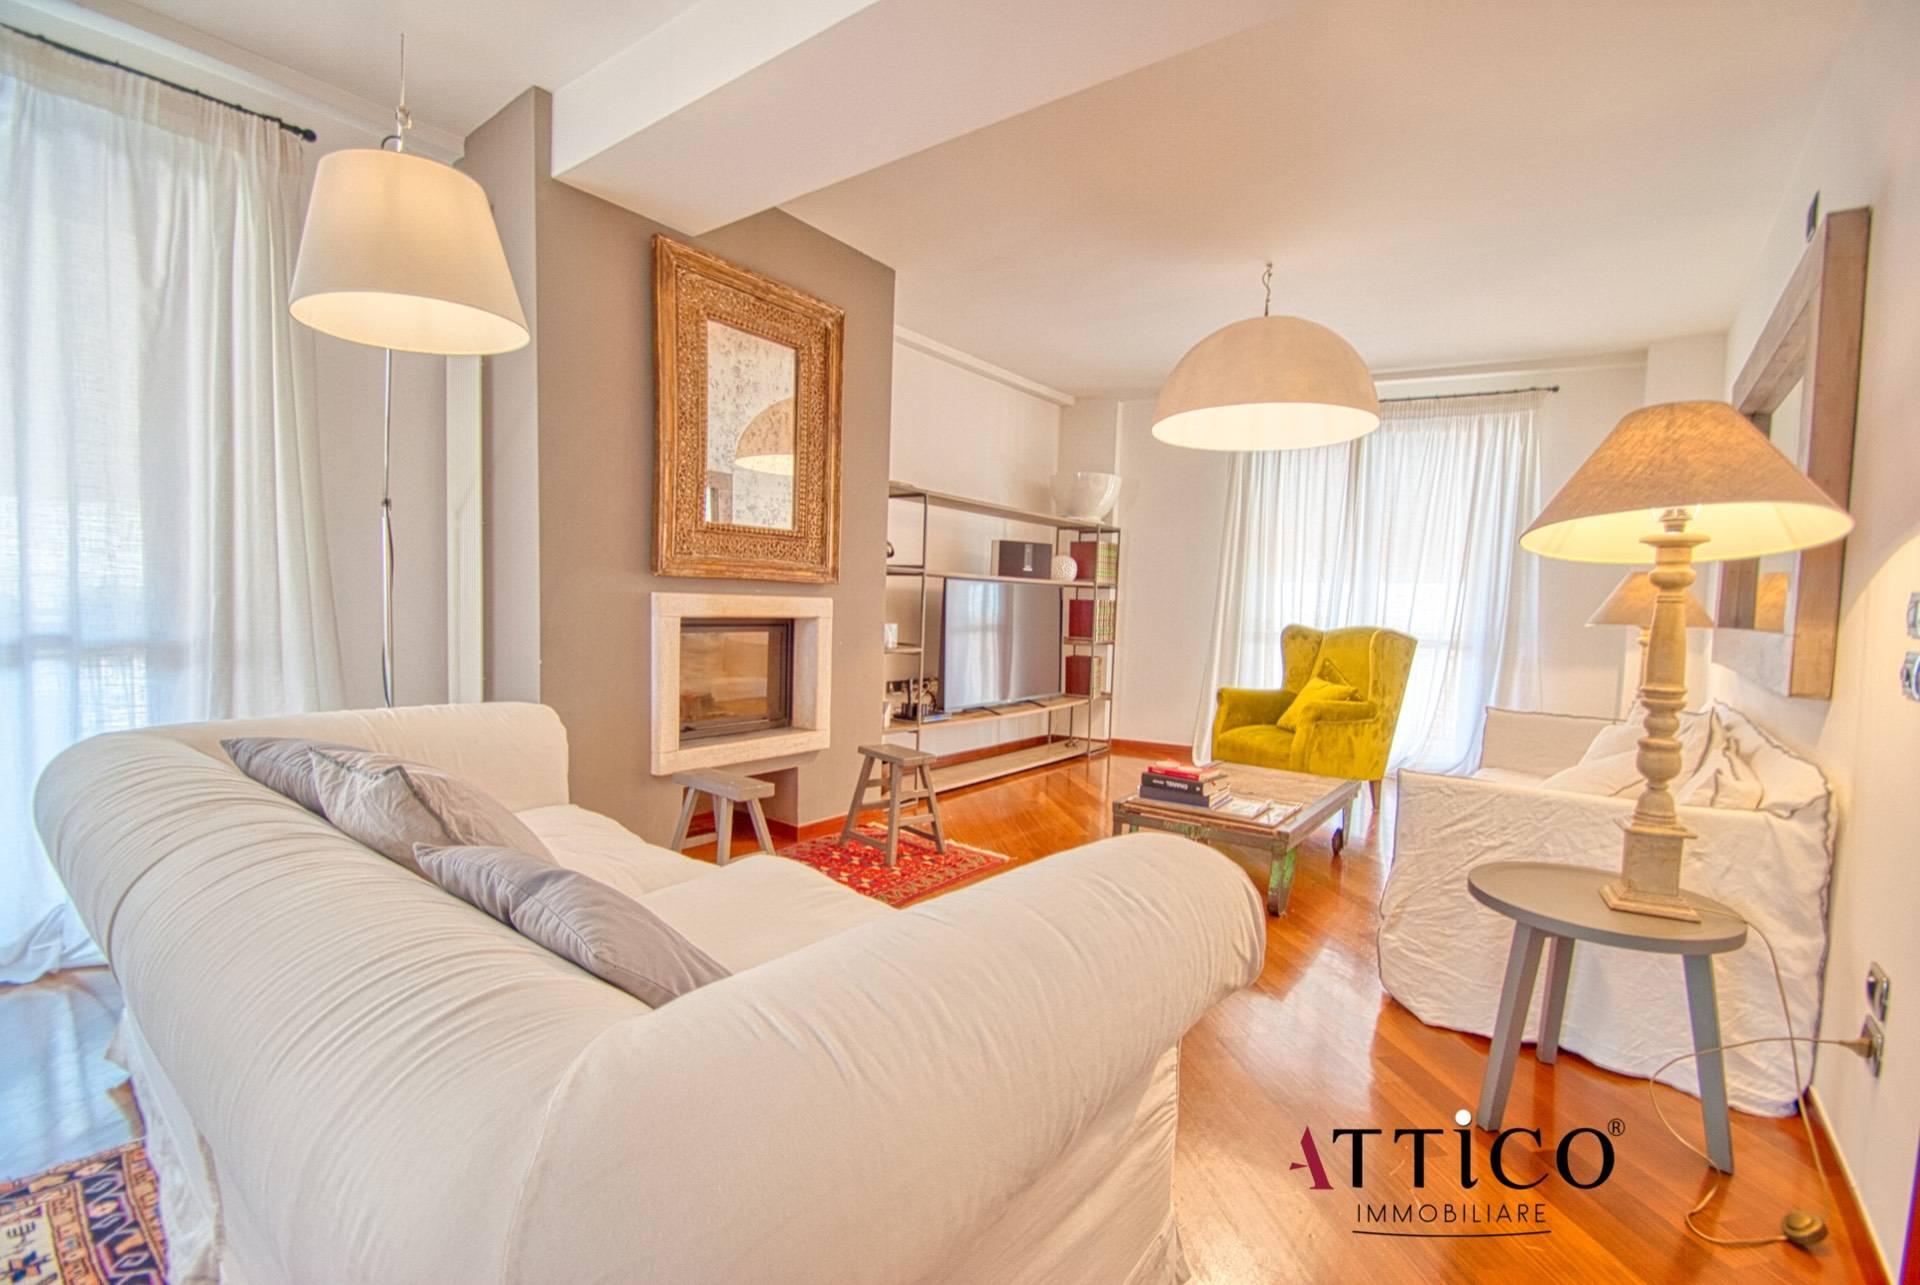 Appartamento in vendita a Avellino, 7 locali, prezzo € 580.000 | CambioCasa.it